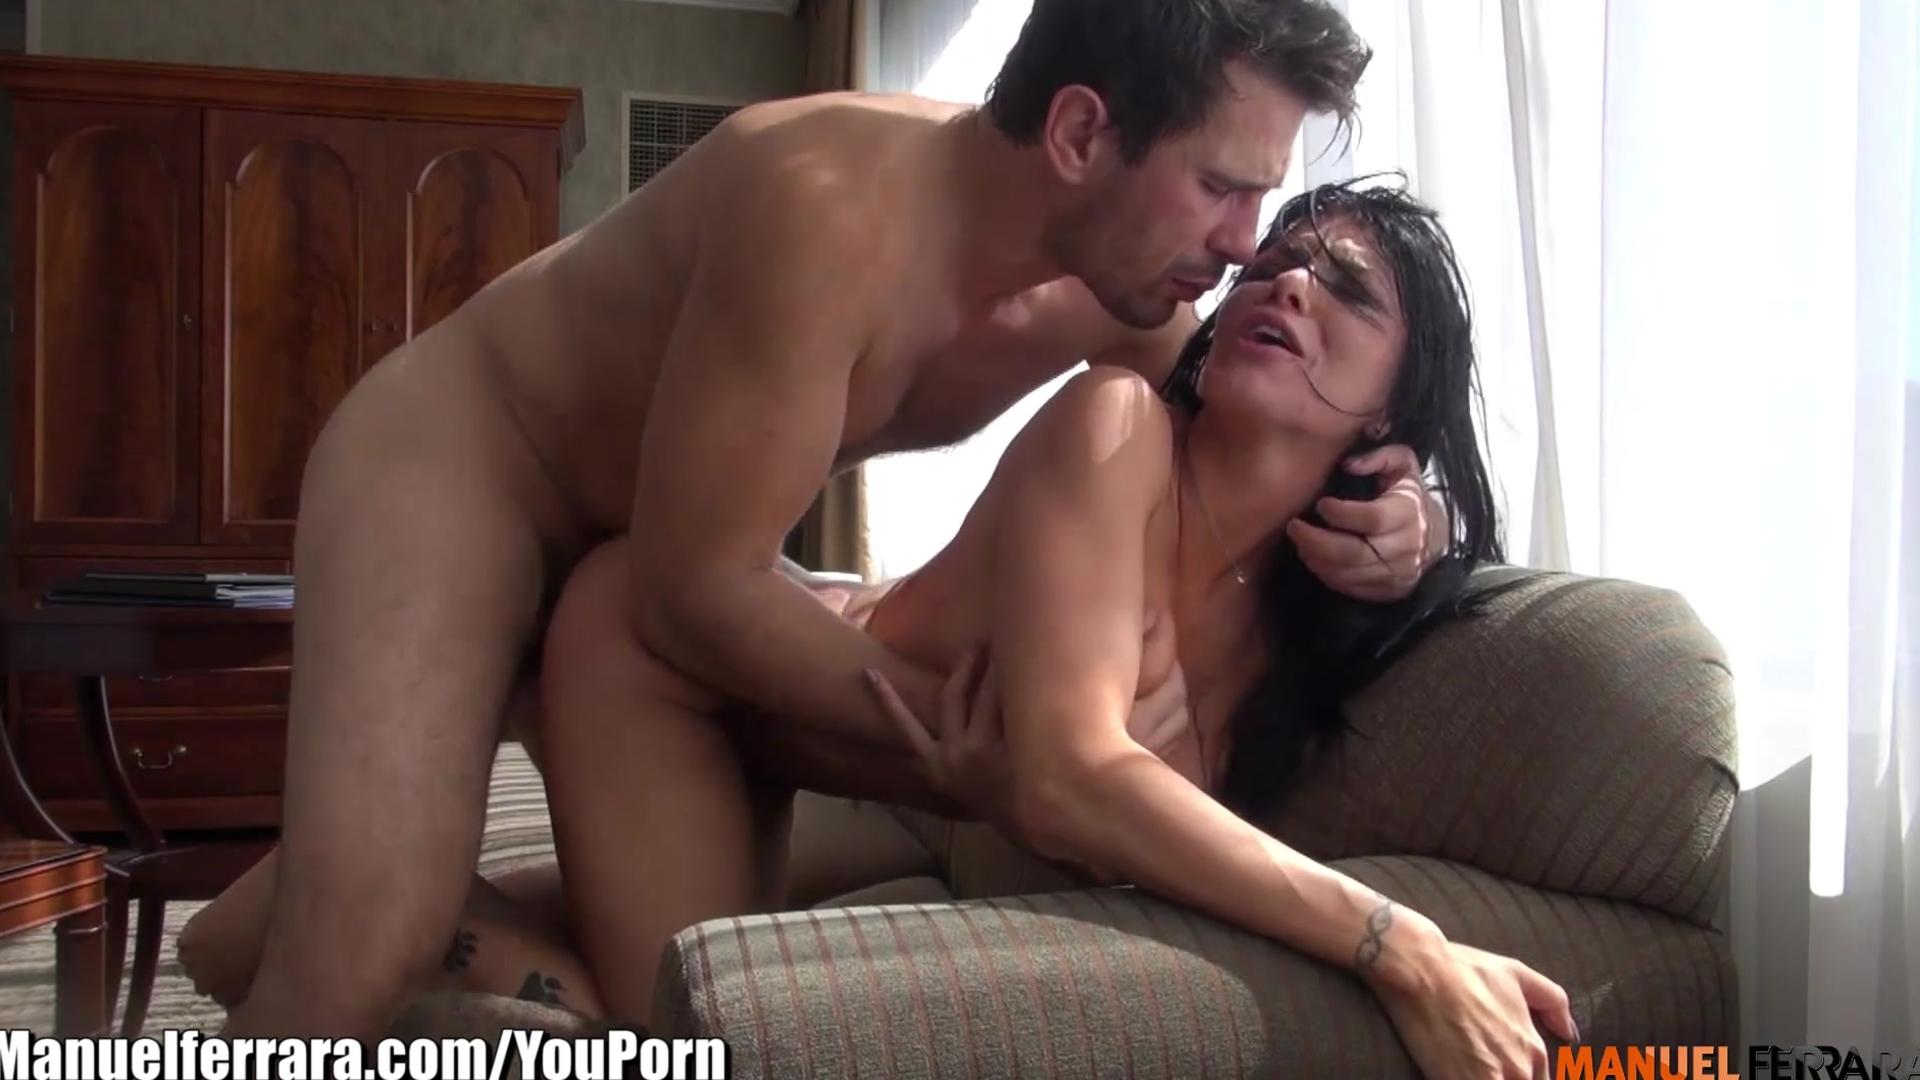 Смотреть порно manuel ferrara шлюха для мамочек онлайн 8 фотография